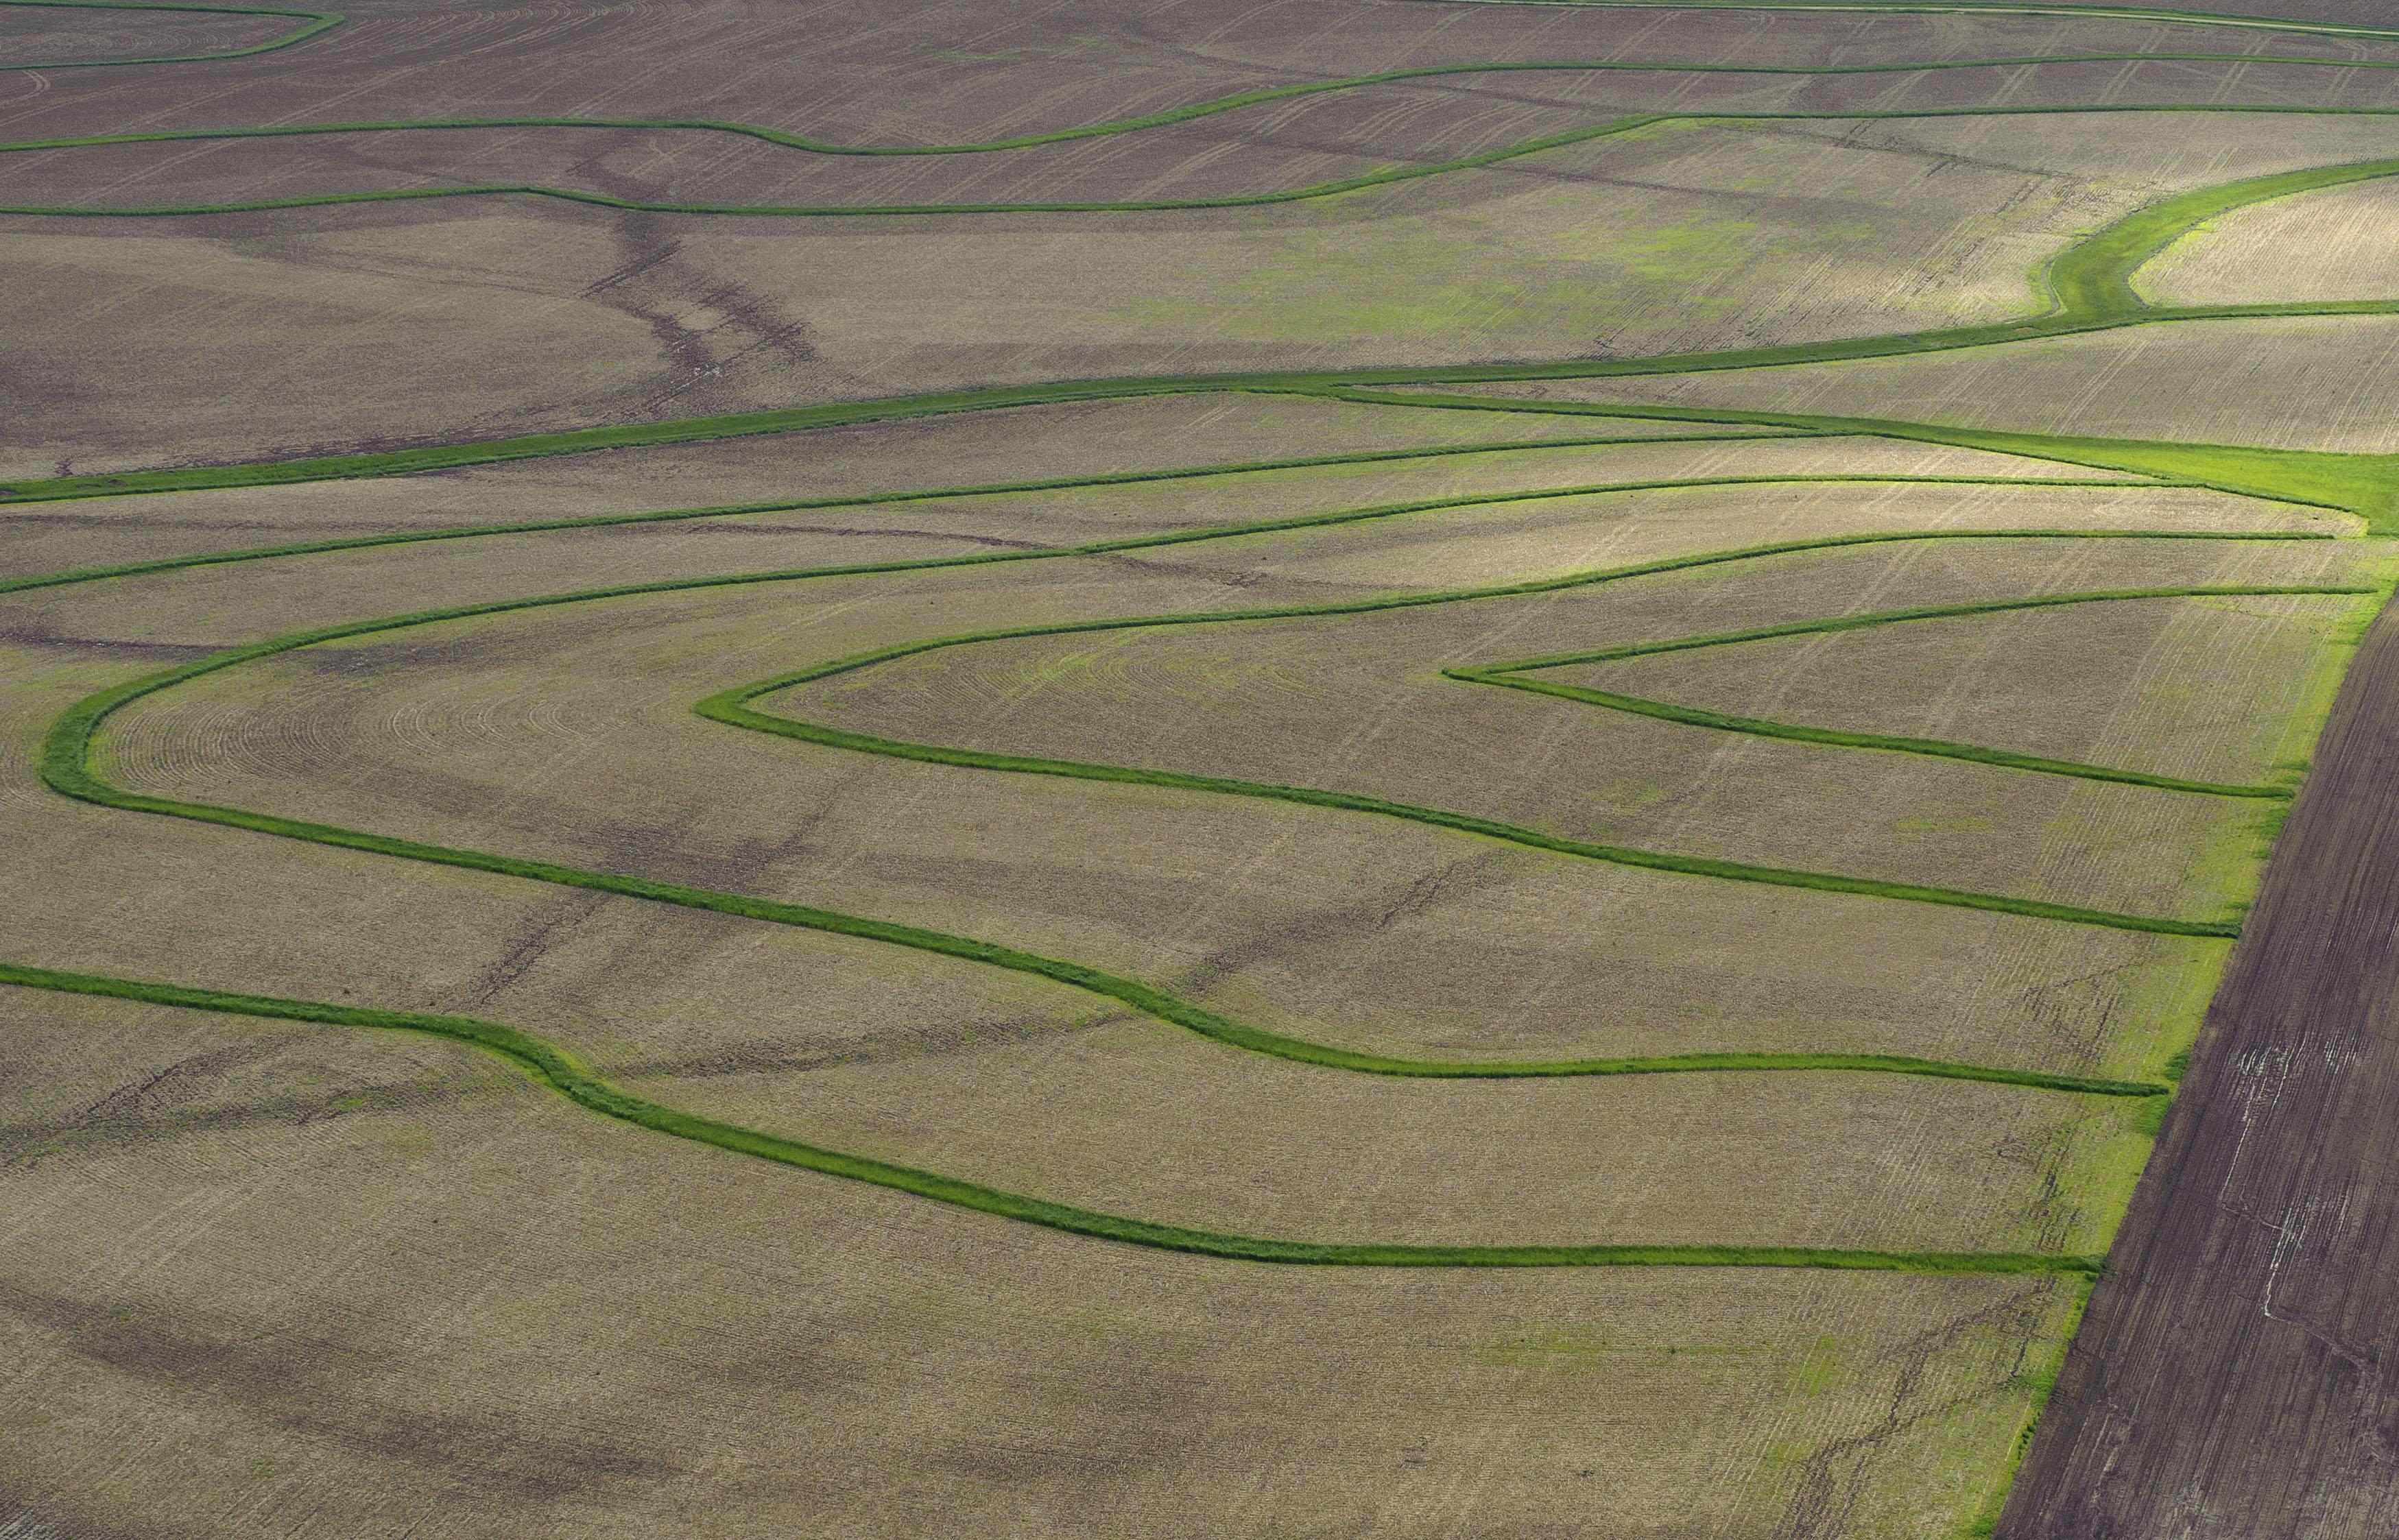 Ripple like patterns on farm land.